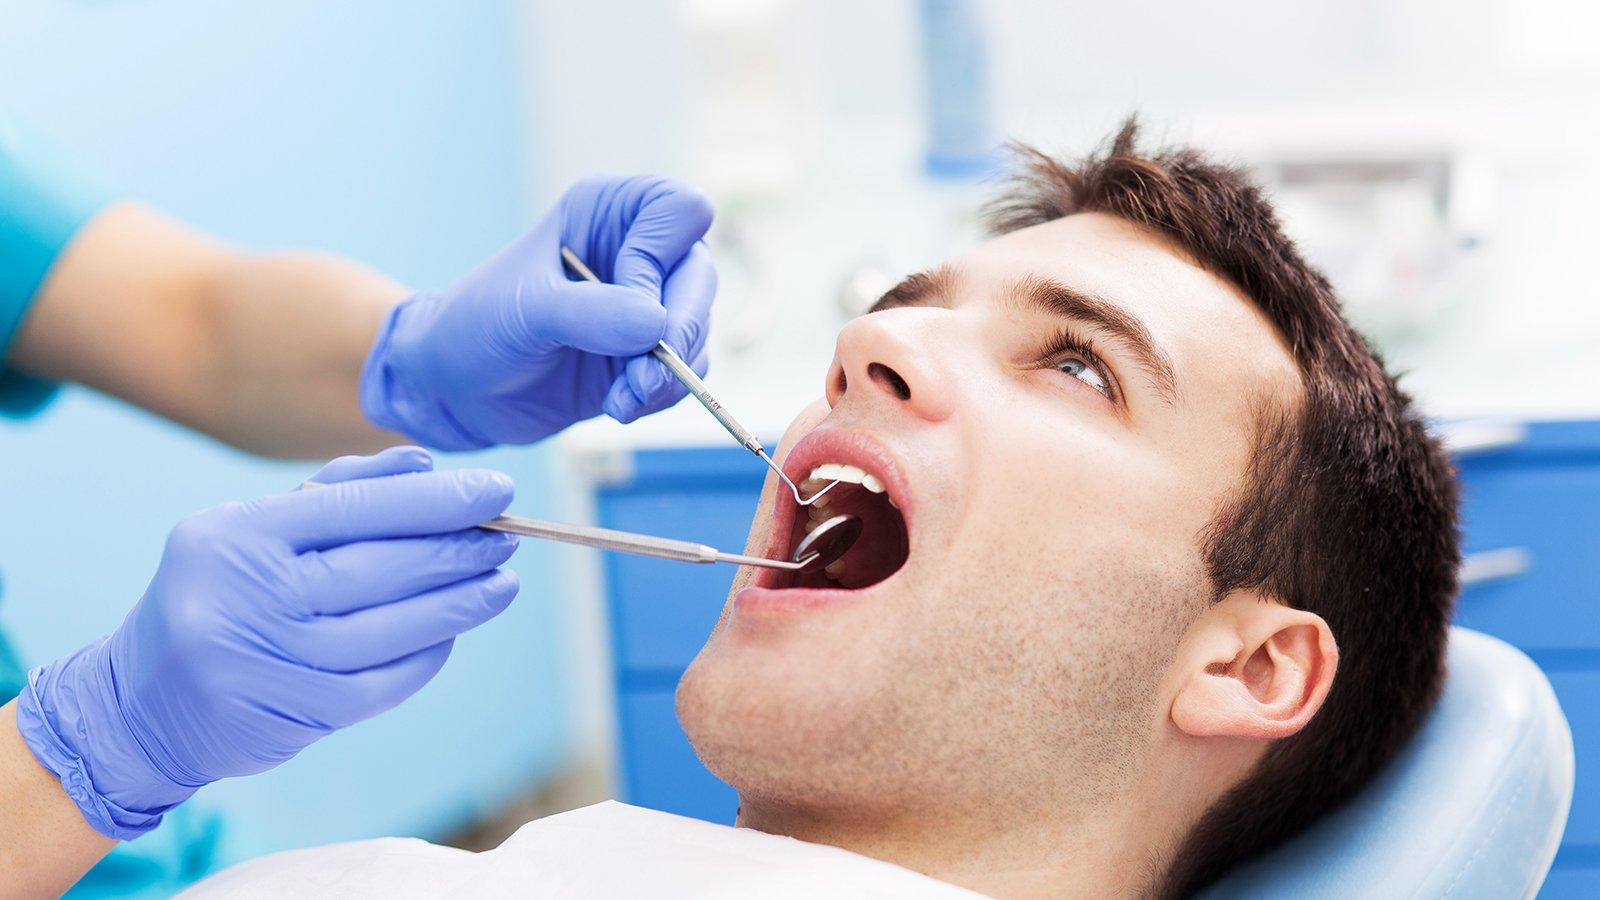 l'uomo presso il dentista